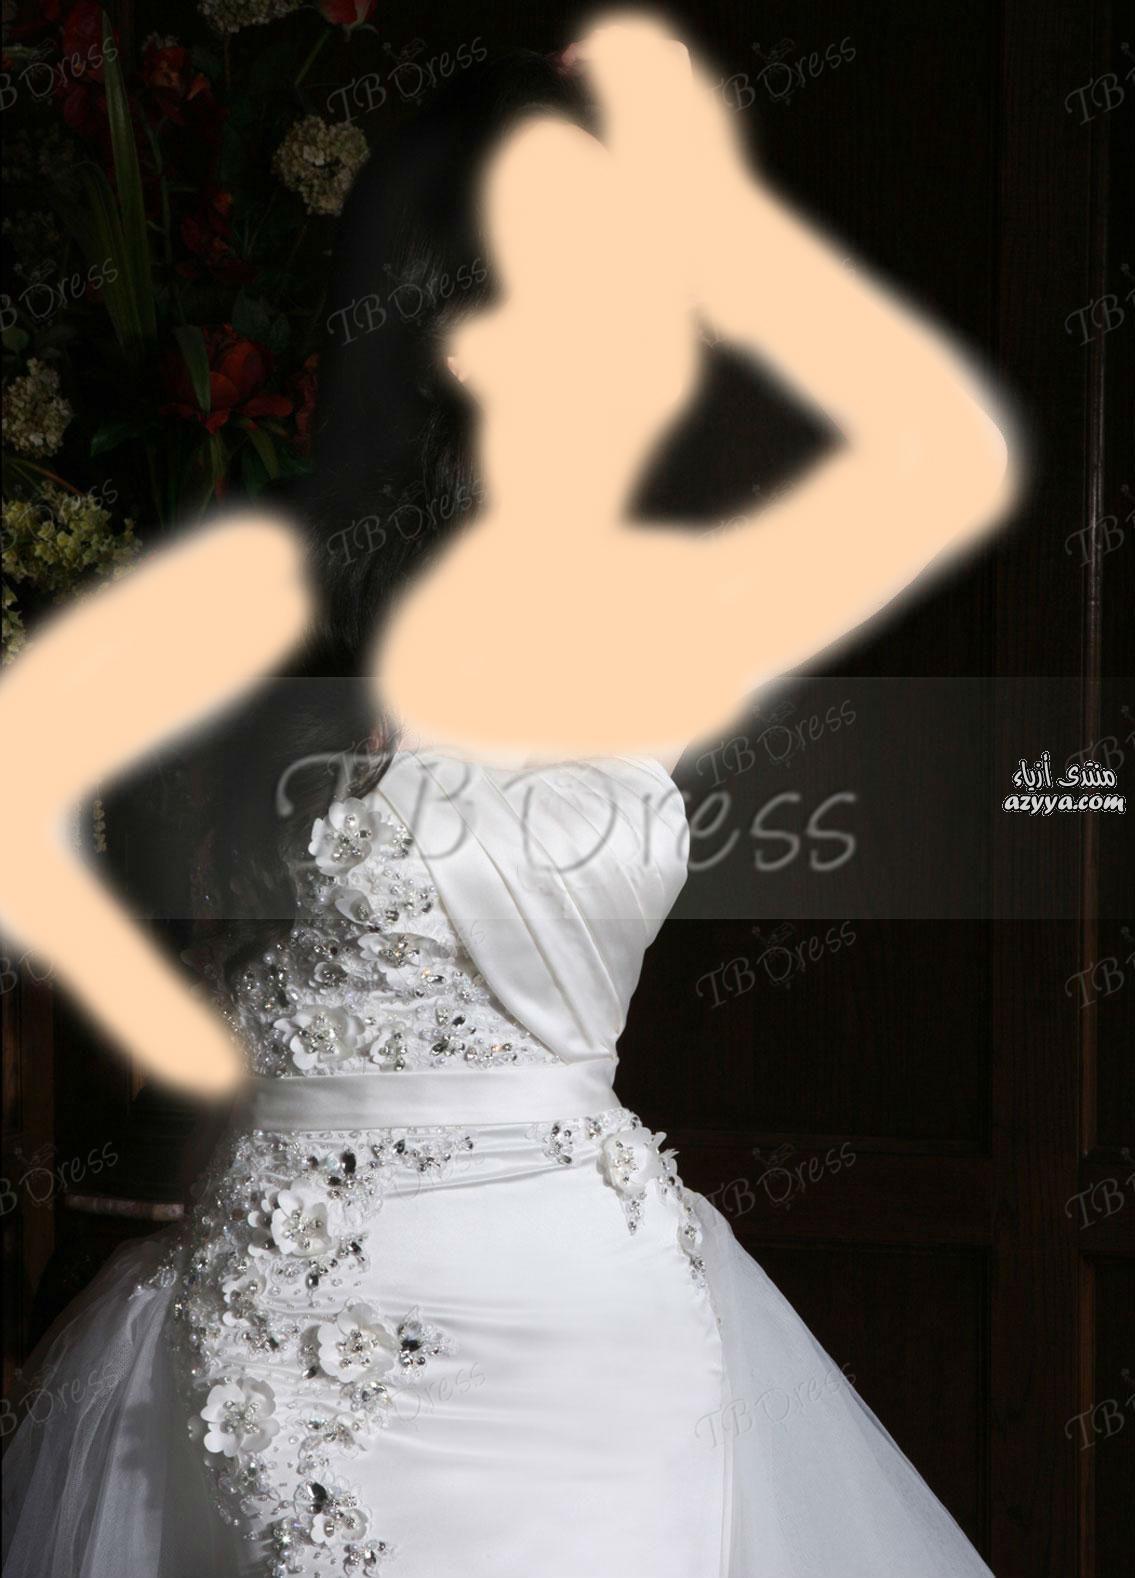 فساتين ذوقفساتين زفاف الخريف لـ Monique Lhuilier للعروس واختها.تألقي يوم